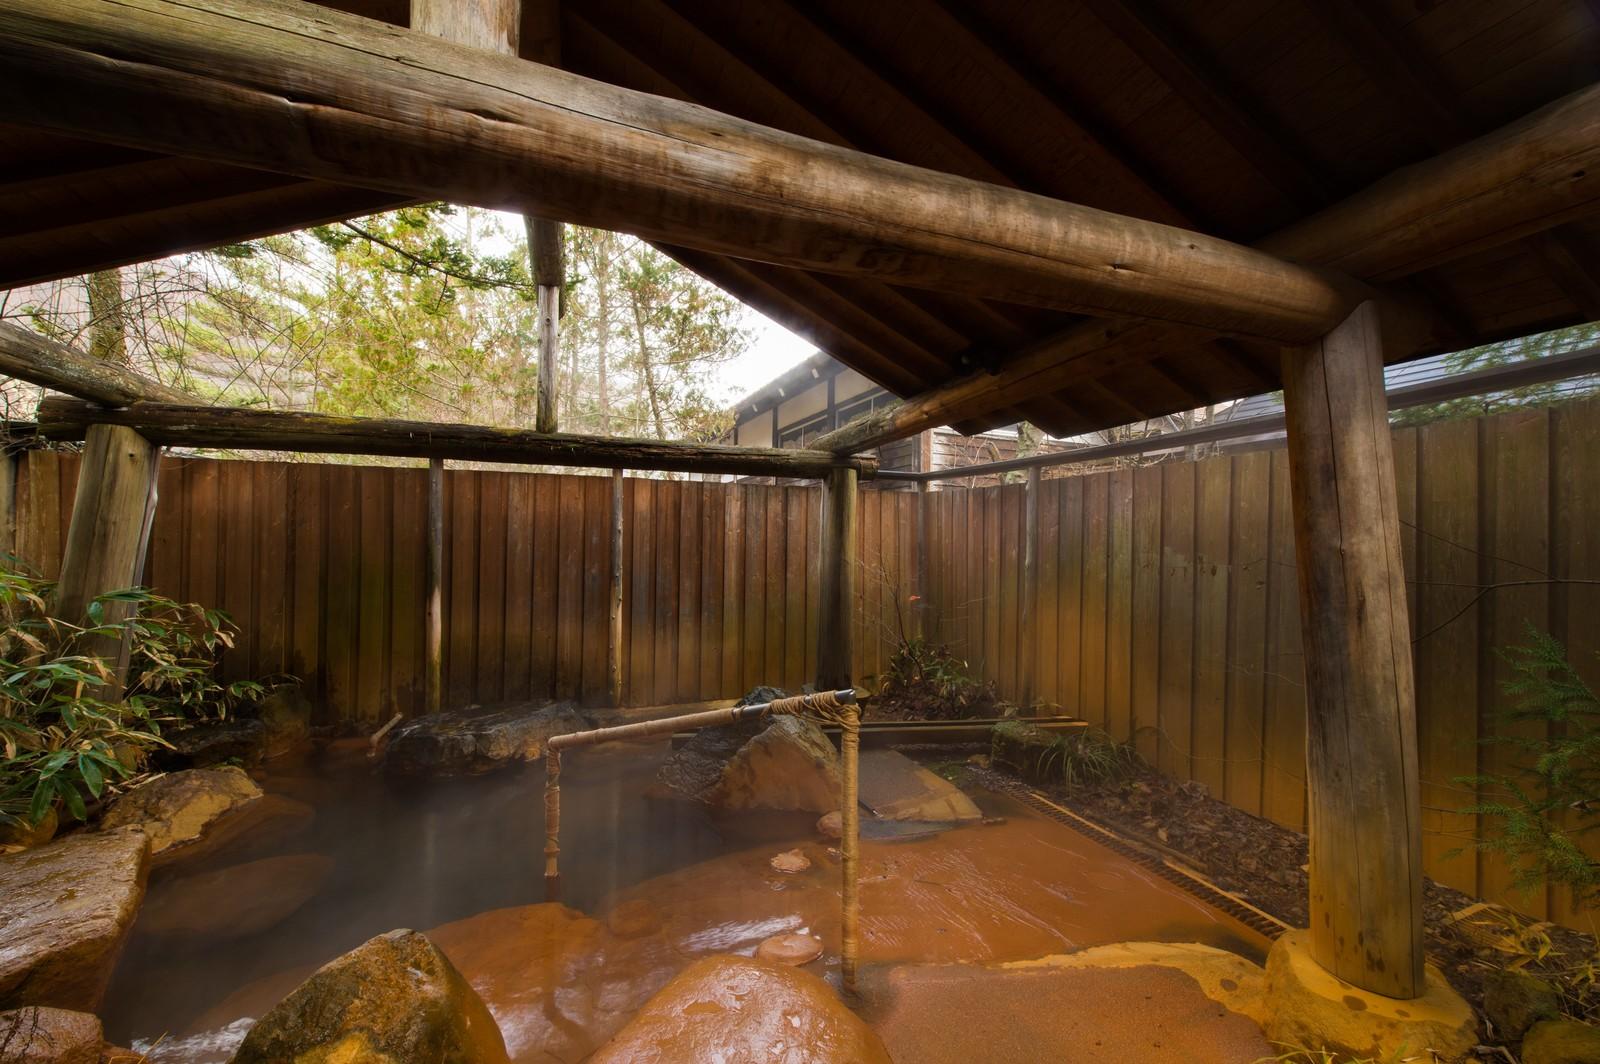 長浜の温泉は日帰りでもおすすめ!旅館やホテル等の宿泊情報もあり!